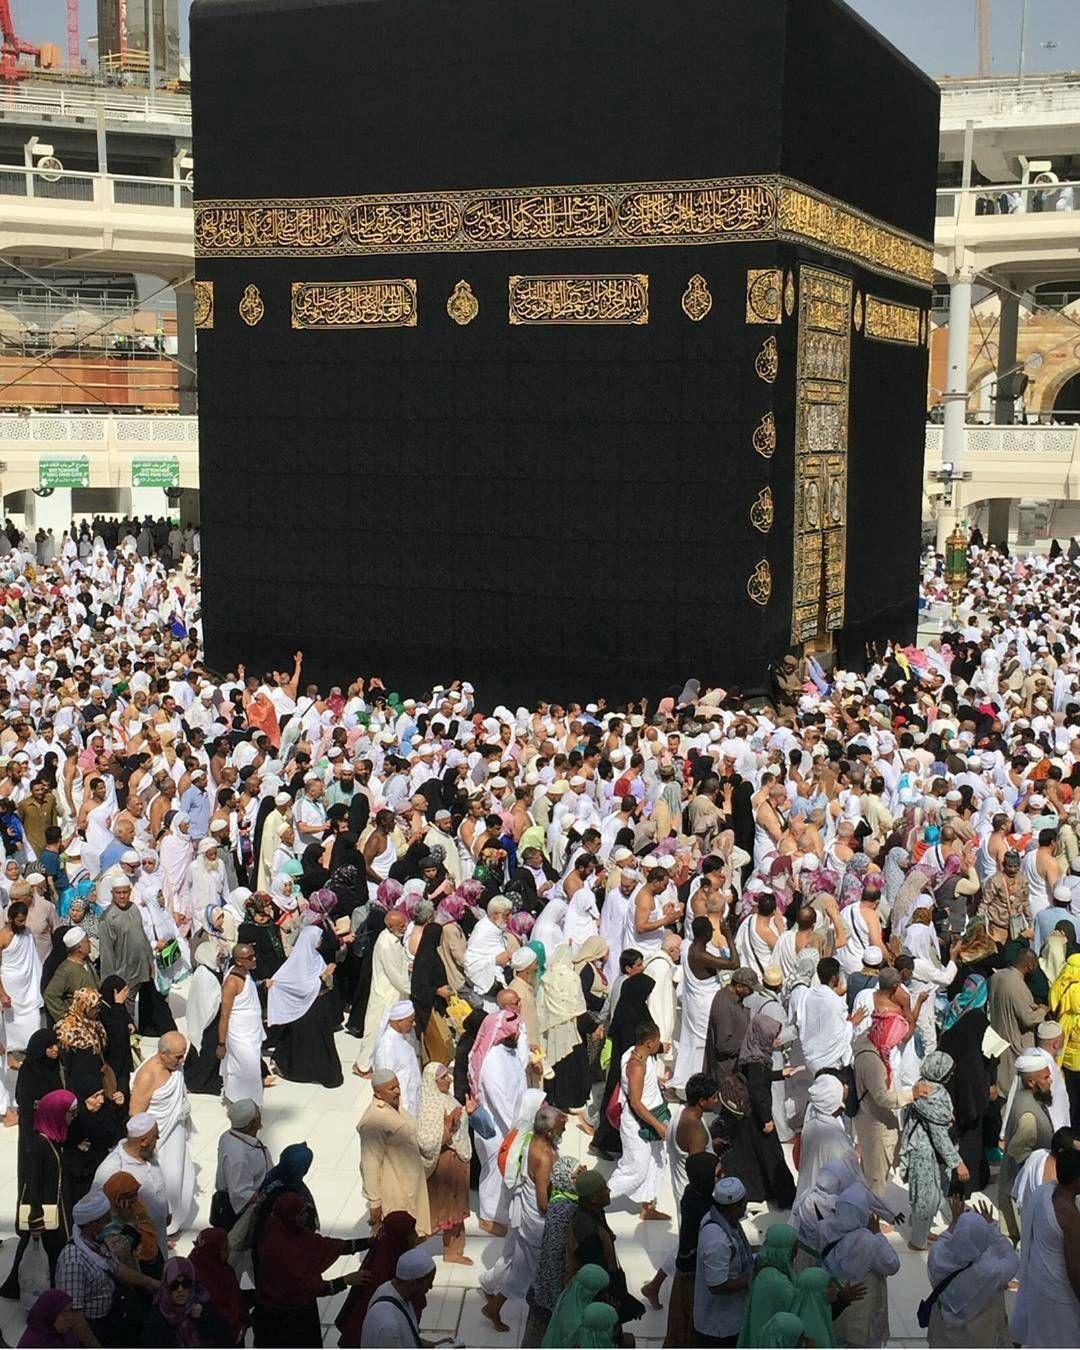 @KakMasta Majelis @TausiyahCinta_ Berdo'a Semoga Yang Melihat Photo Ini Bisa Segera Berkunjung Ke Baitullah Bersama Keluarga Tercinta dan Berziarah Ke Makam Rasulullah Shalallahu Alaihi Wa salam .. Aamiin